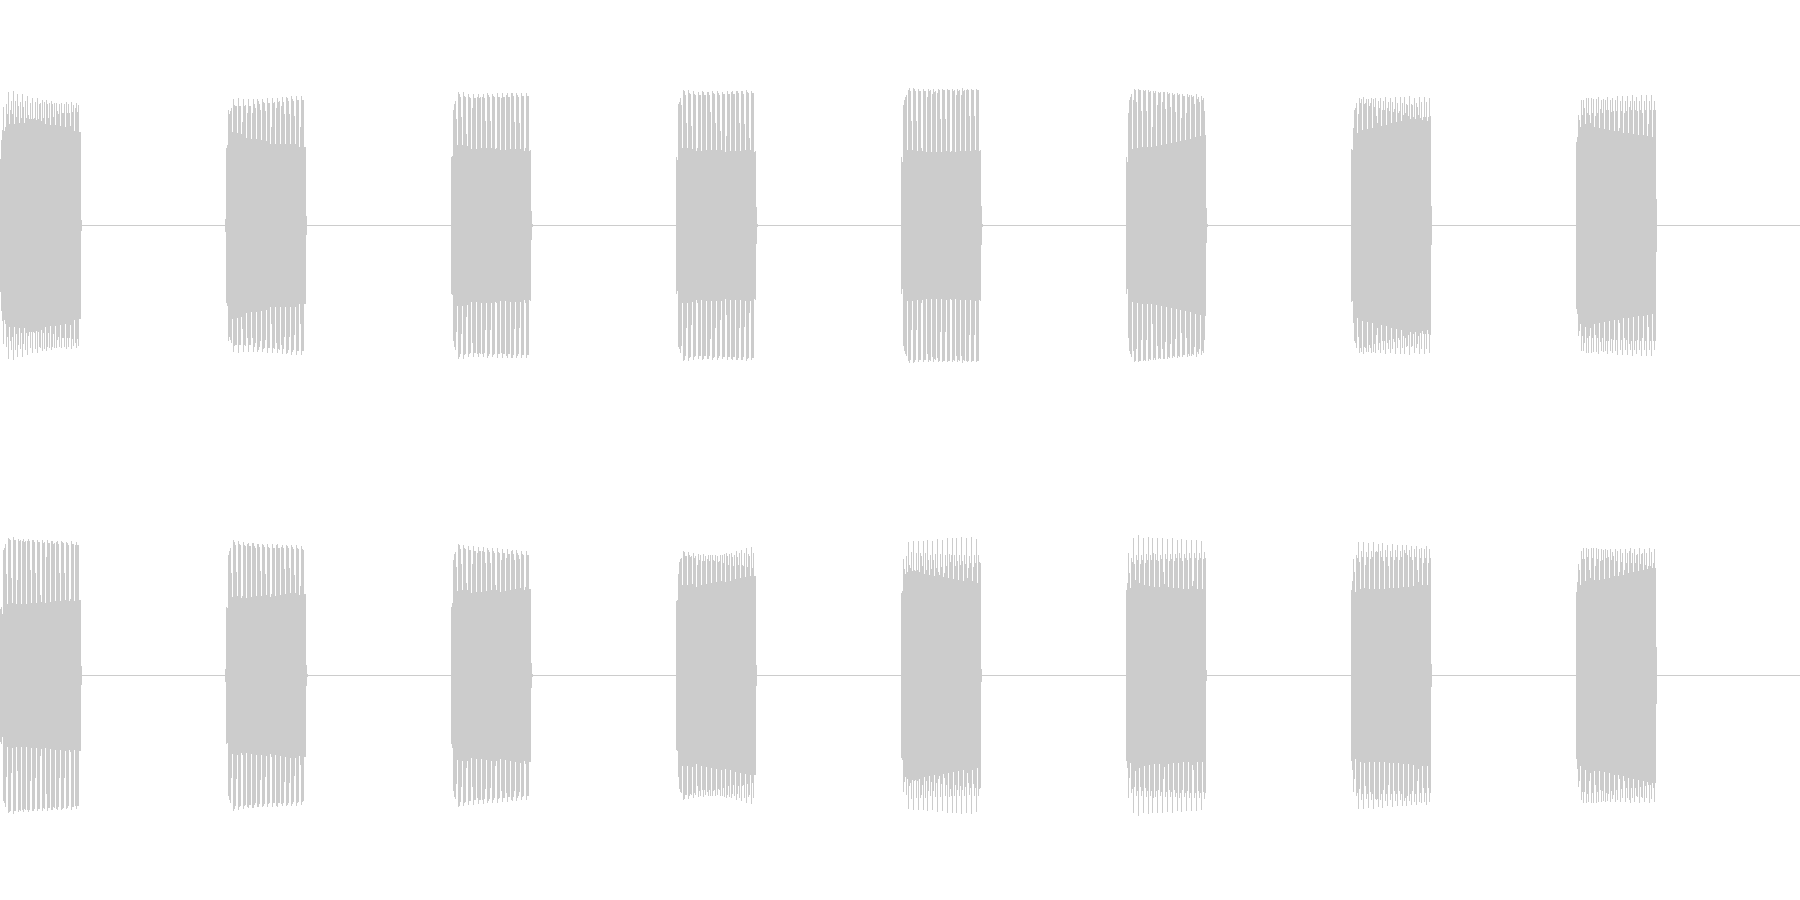 卓上電話のプルルルルという着信音の未再生の波形